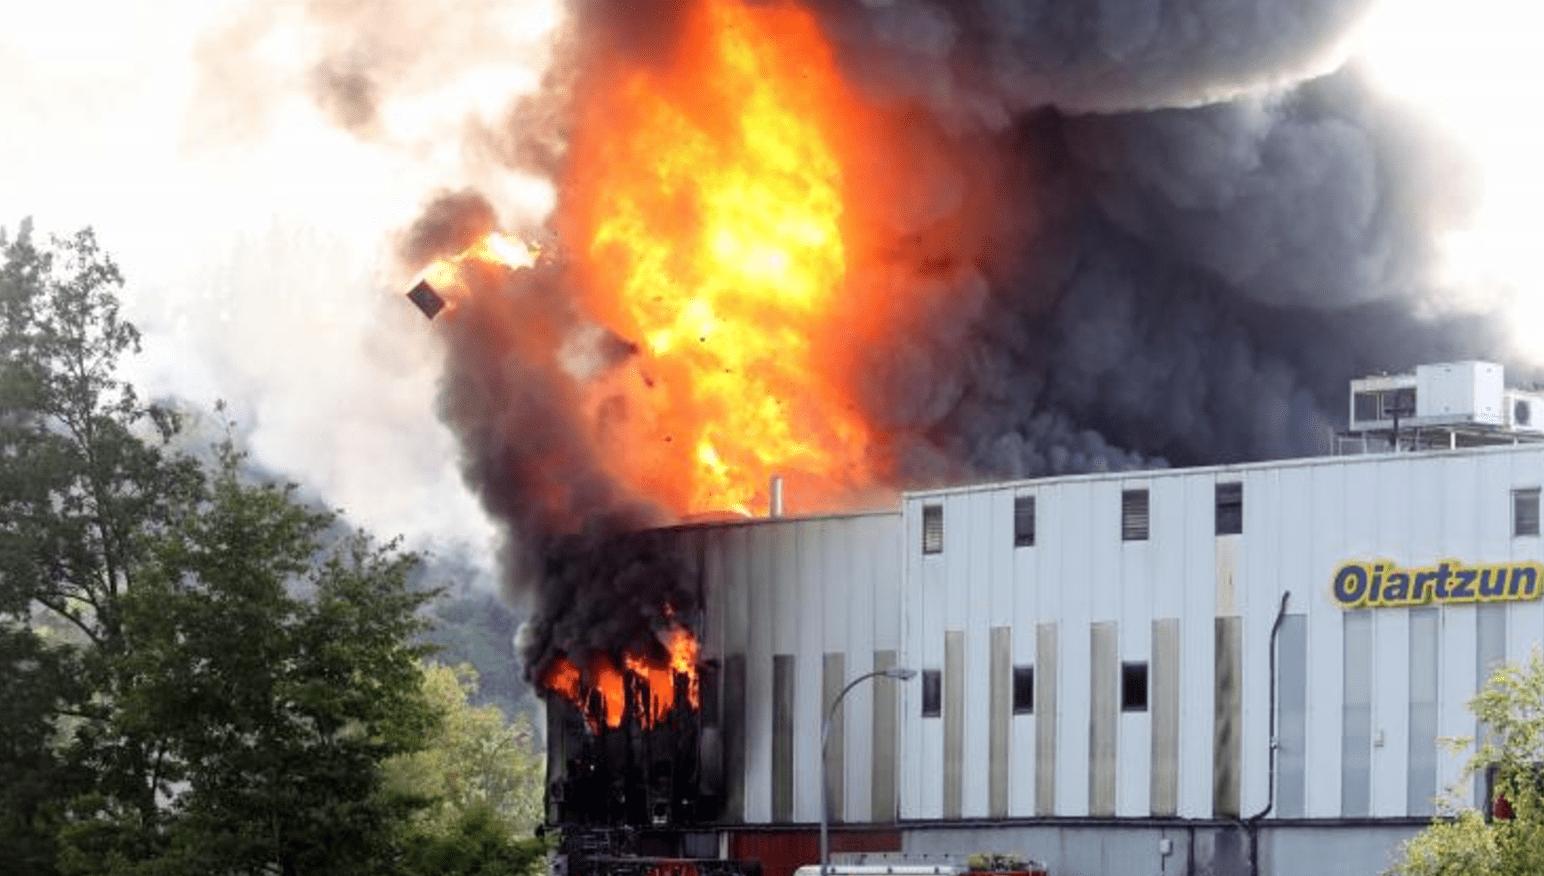 Incendio fabrica de Pukas oiartzun